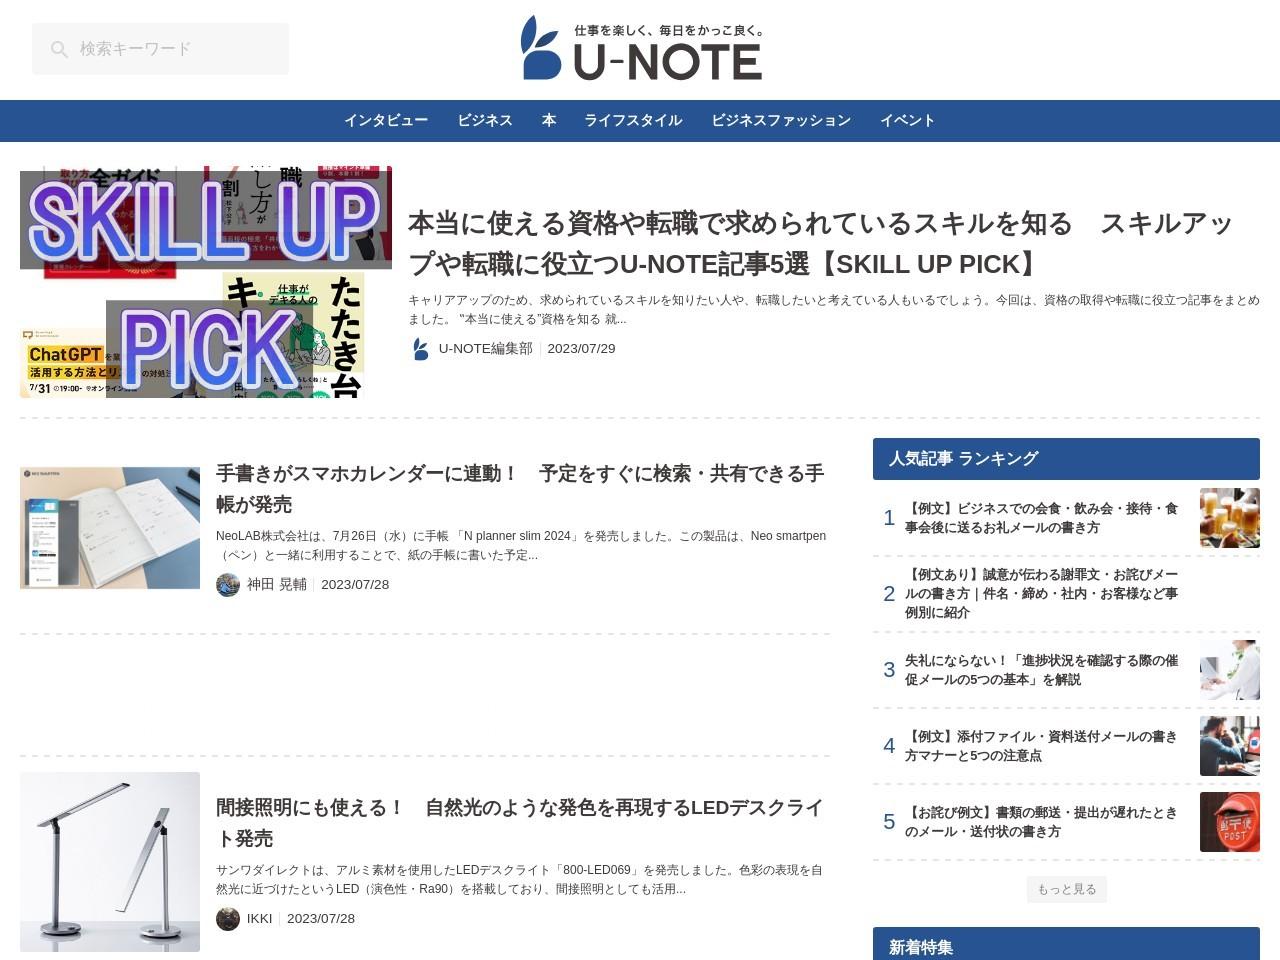 http://u-note.me/note/47502003